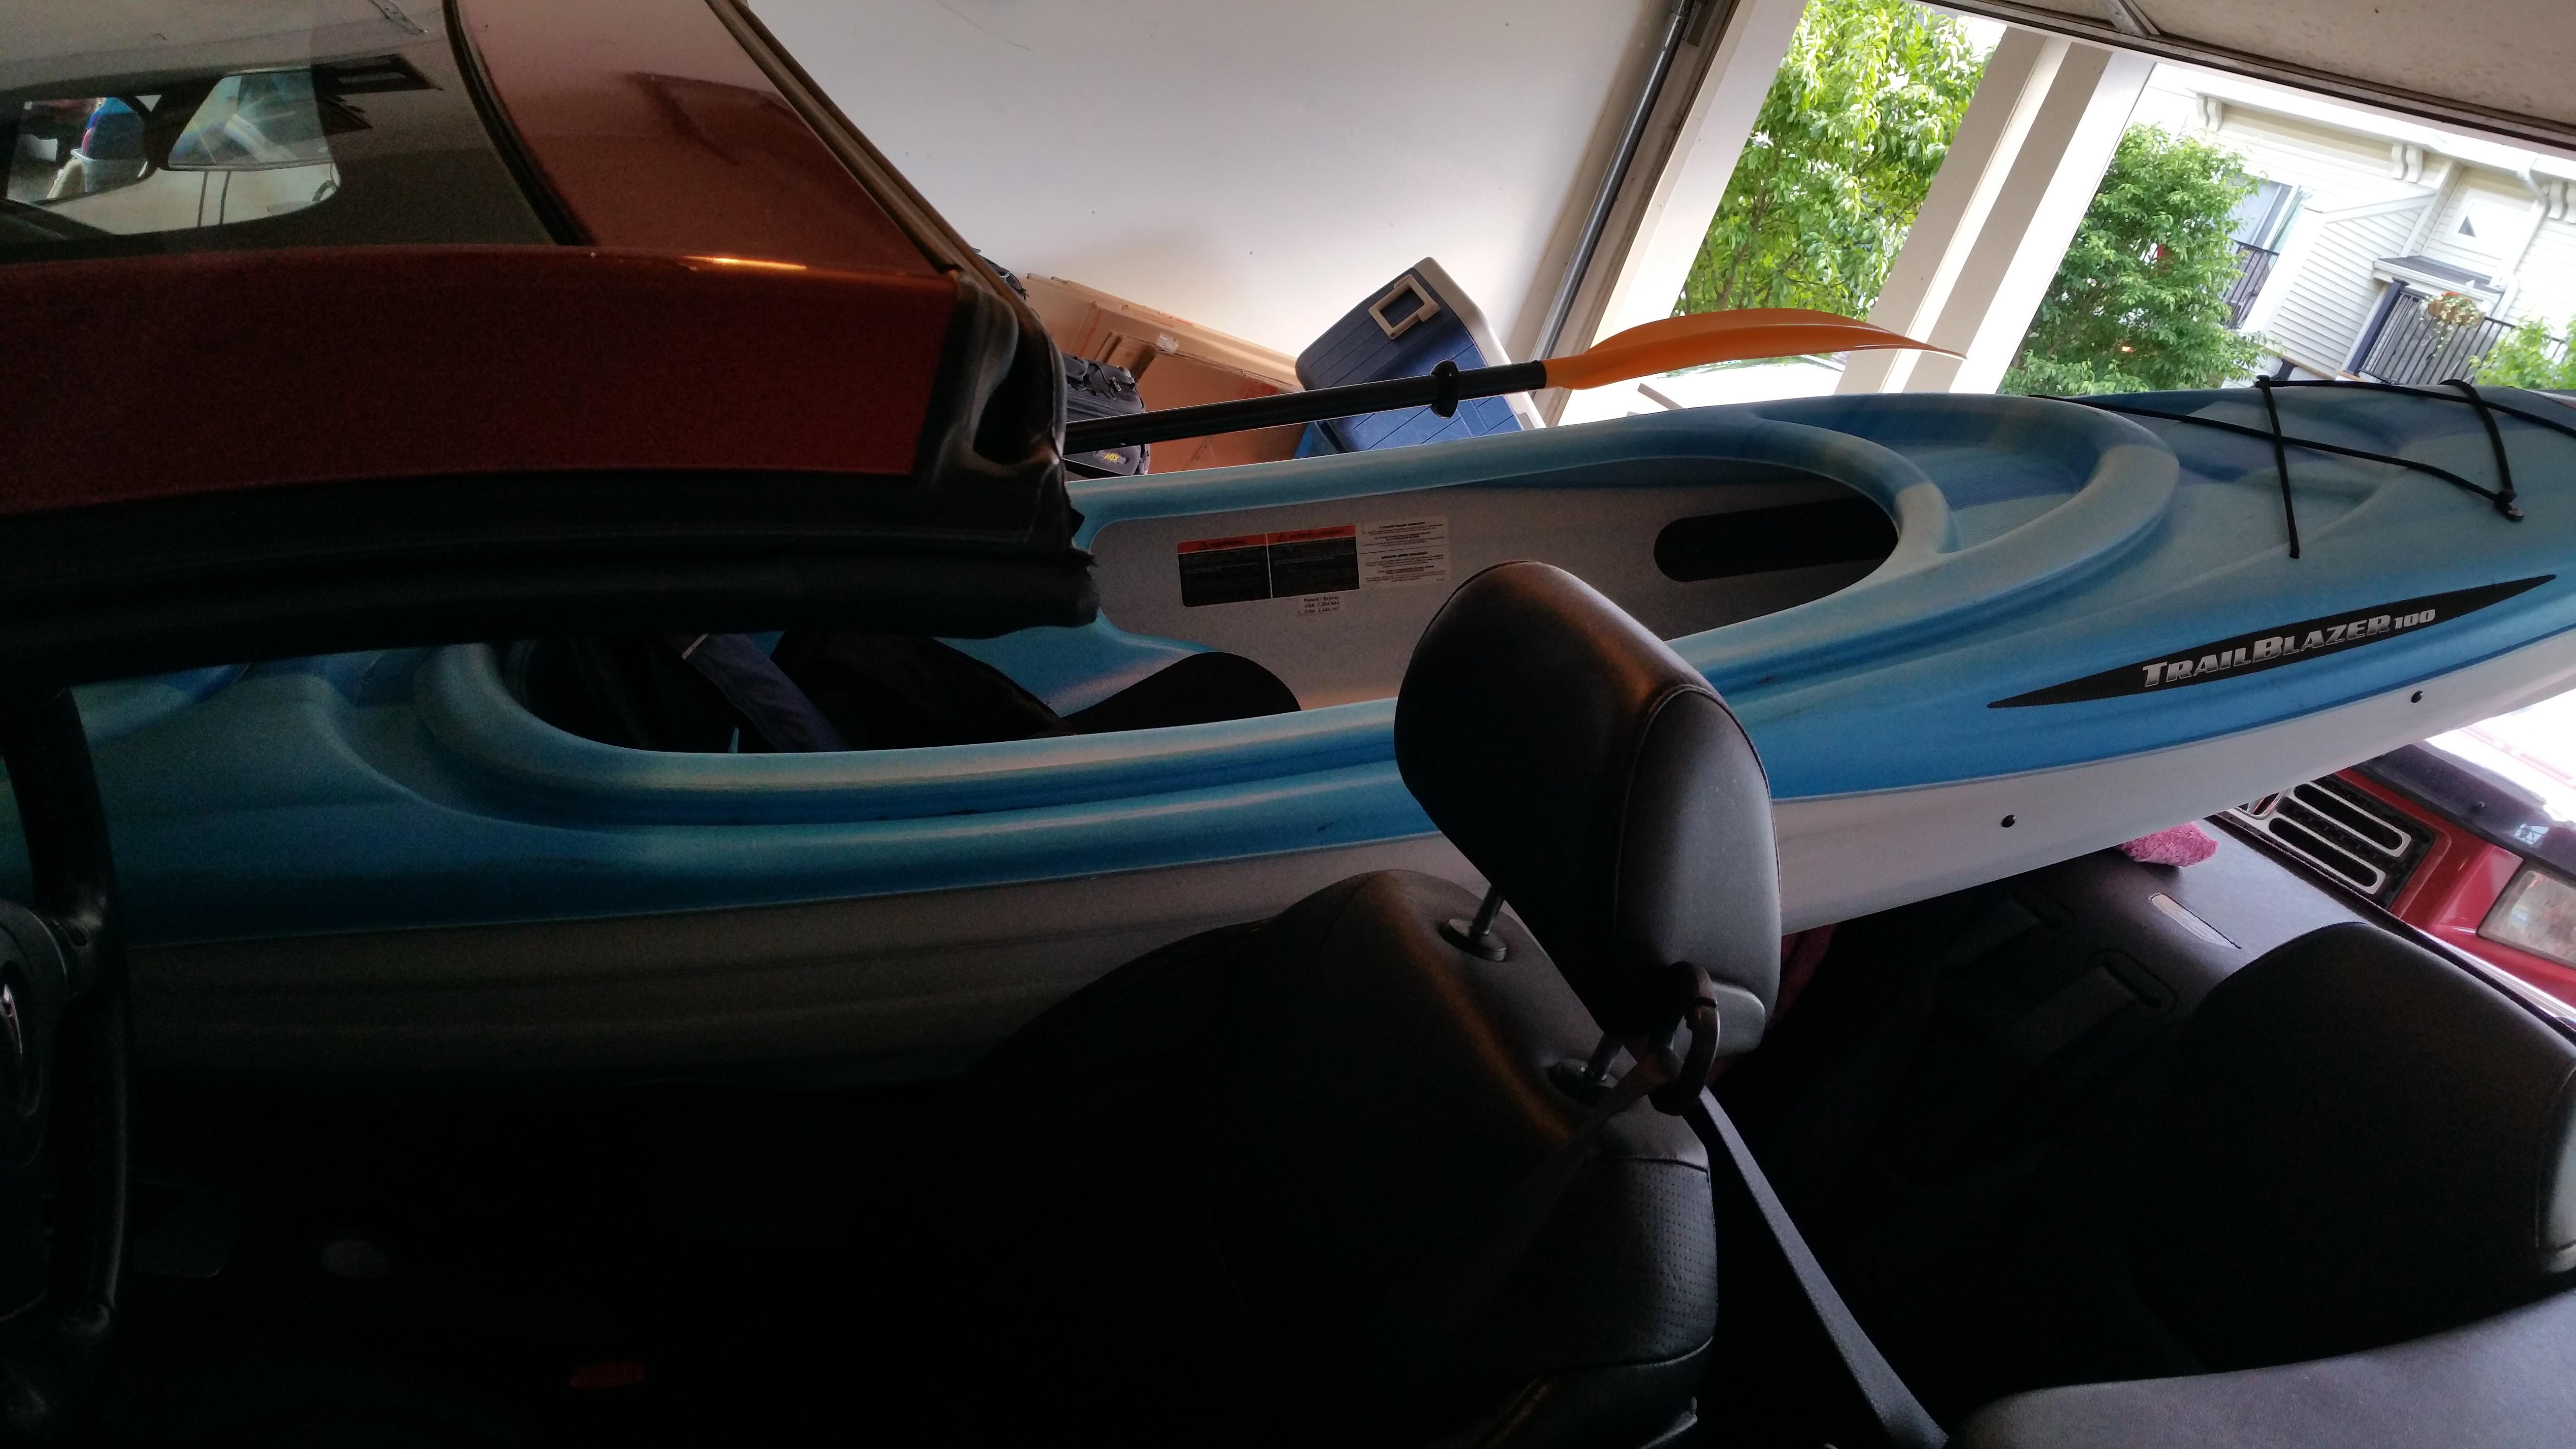 kayak in car